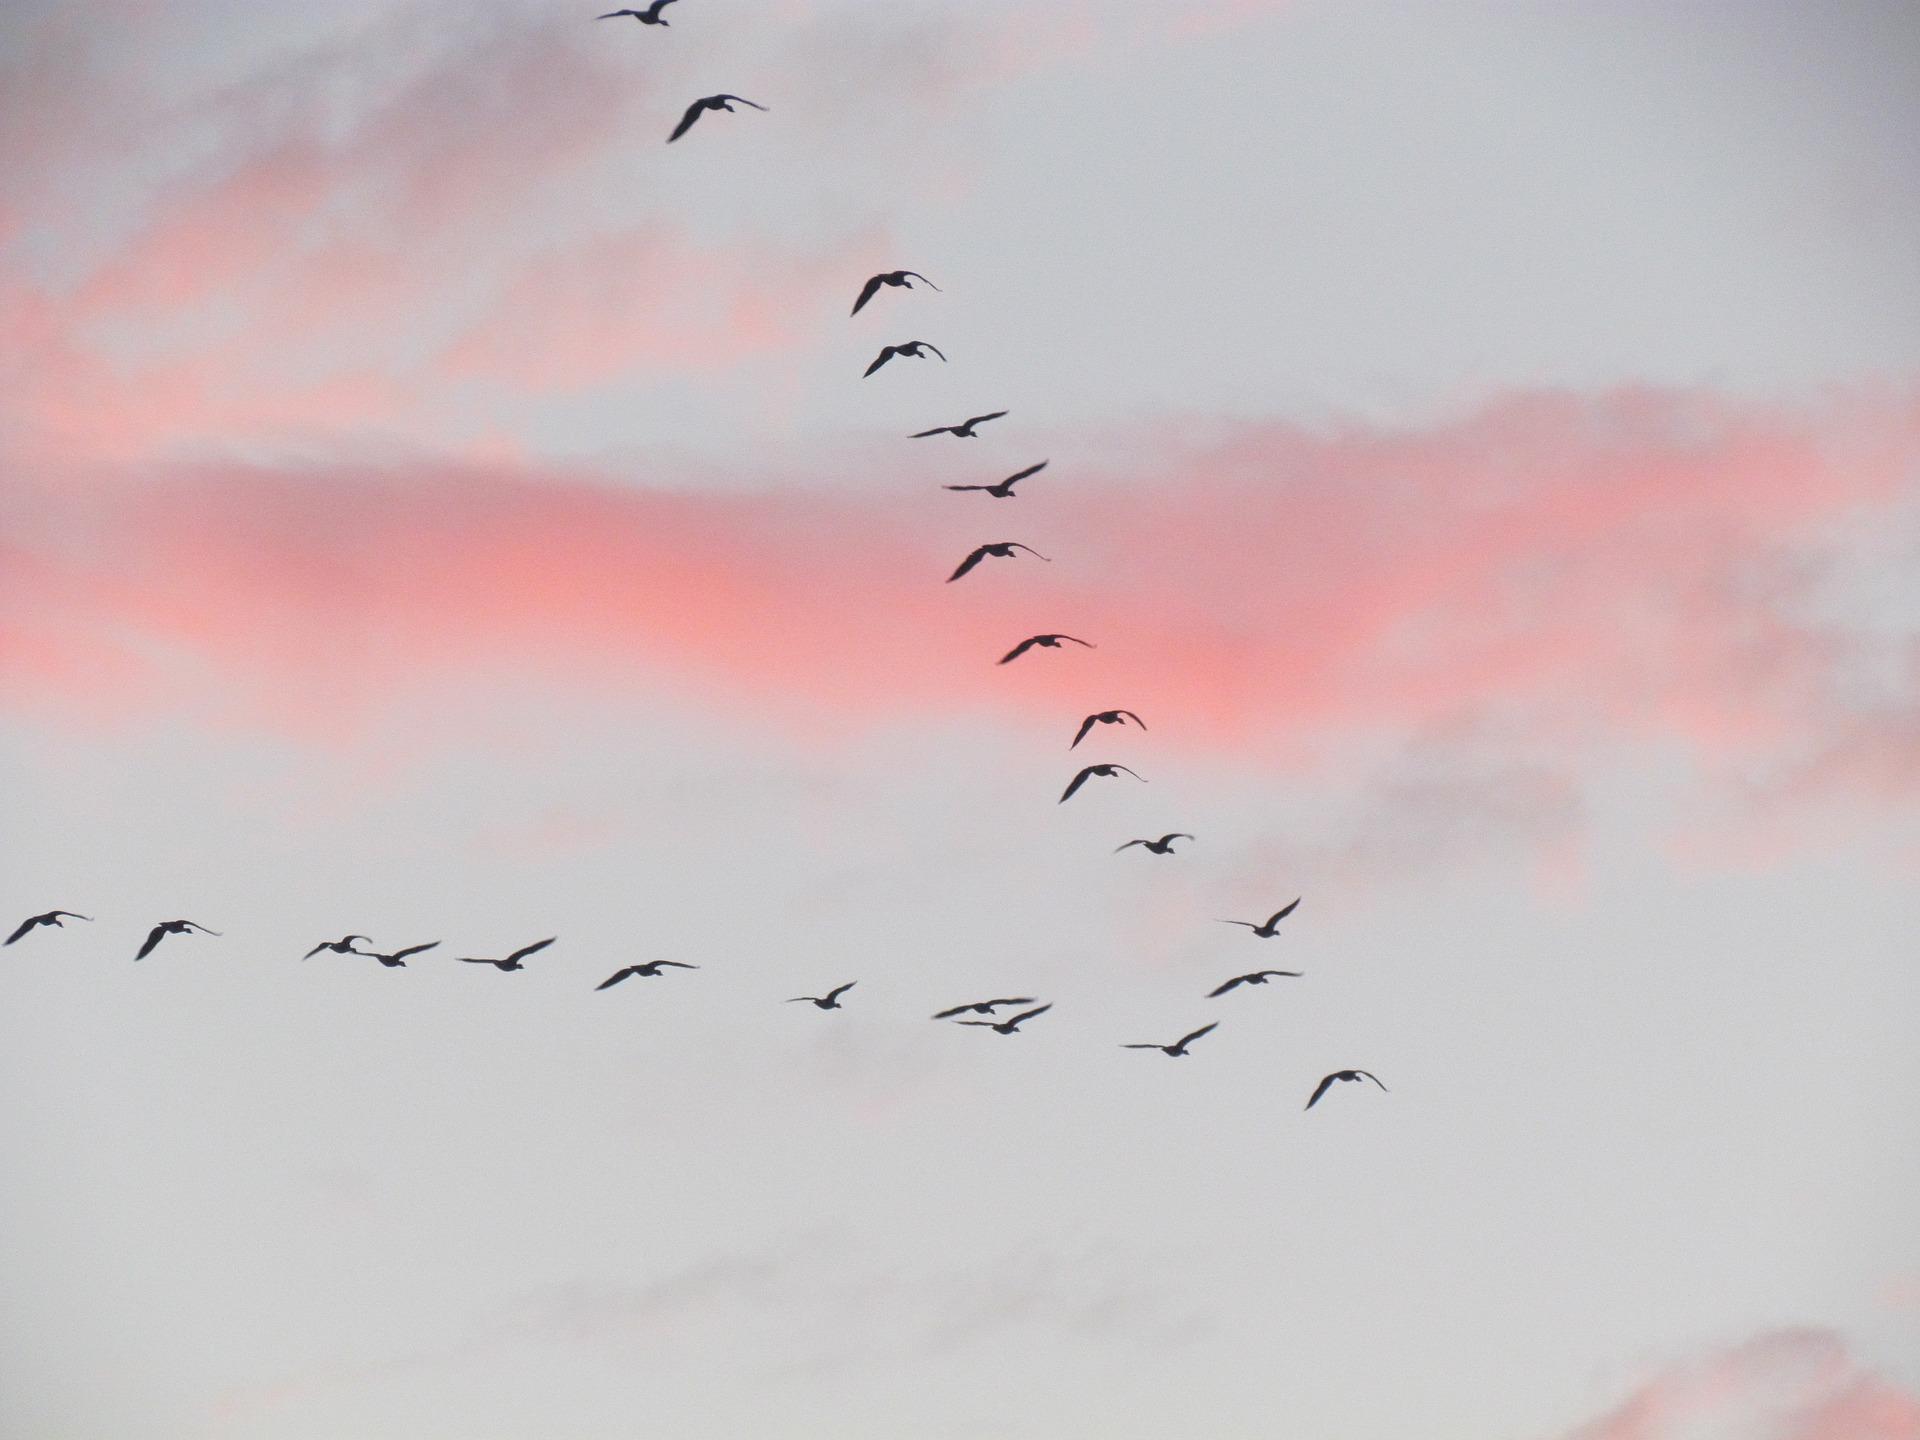 trekvogels V-formatie